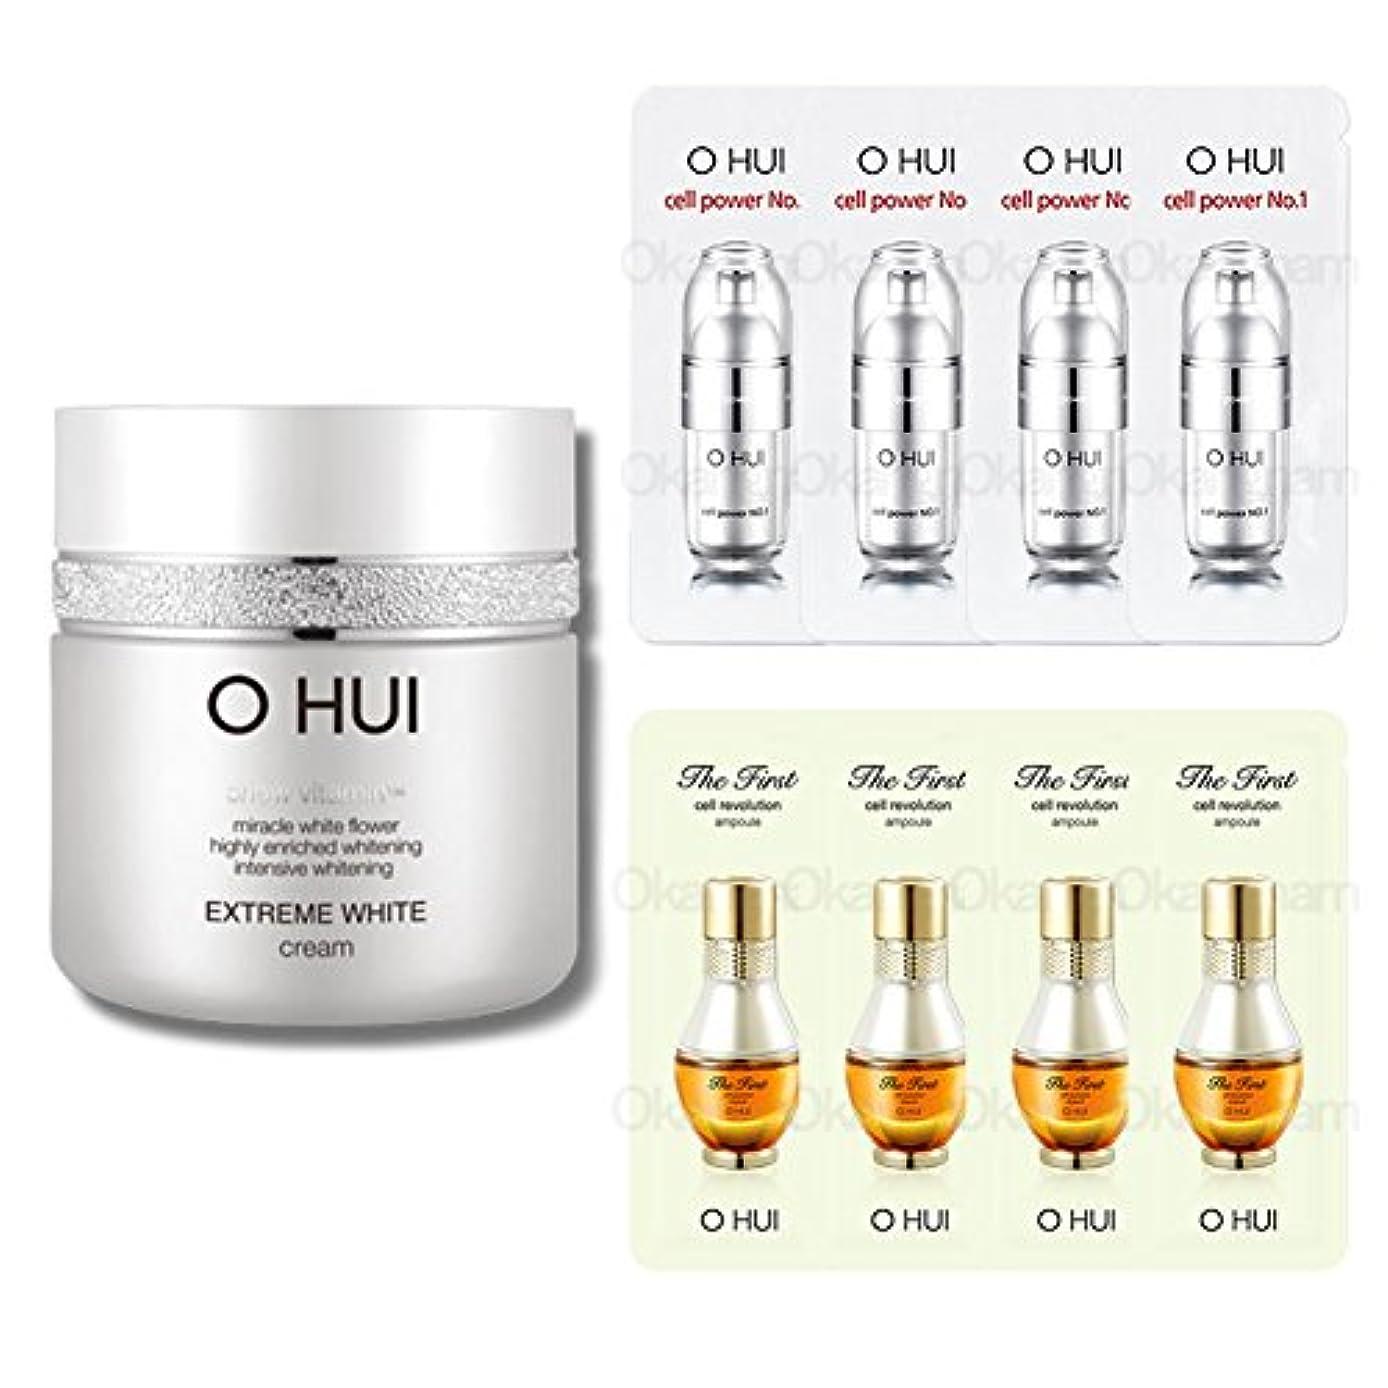 暖炉葉政治家の[オフィ/ O HUI]韓国化粧品 LG生活健康/ OHUI OEW04 EXTREME WHITE CREAM/オフィ エクストリーム ホワイトクリーム 50ml +[Sample Gift](海外直送品)